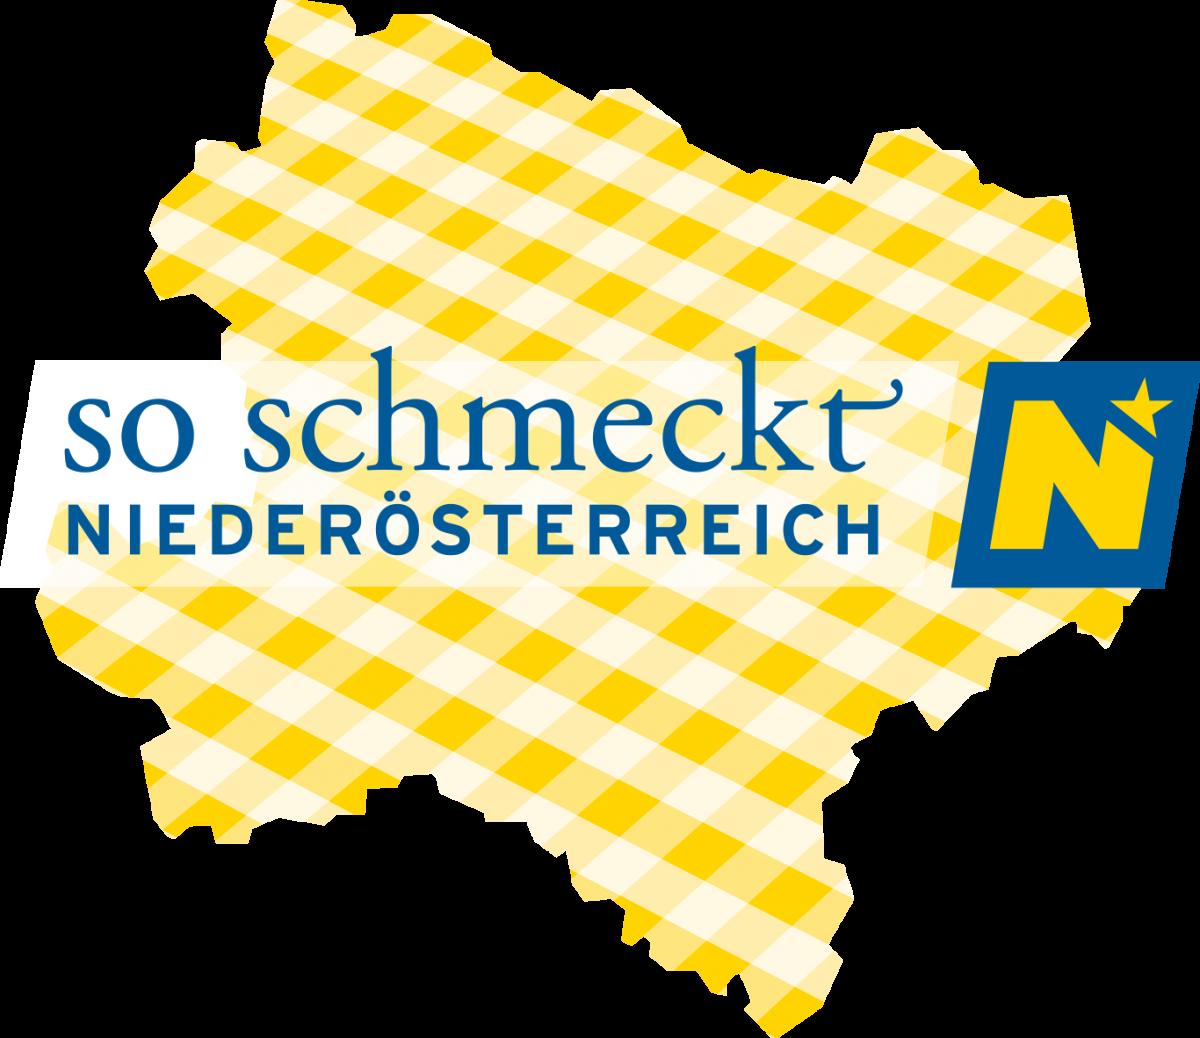 So schmeckt Niederösterreich - Logo